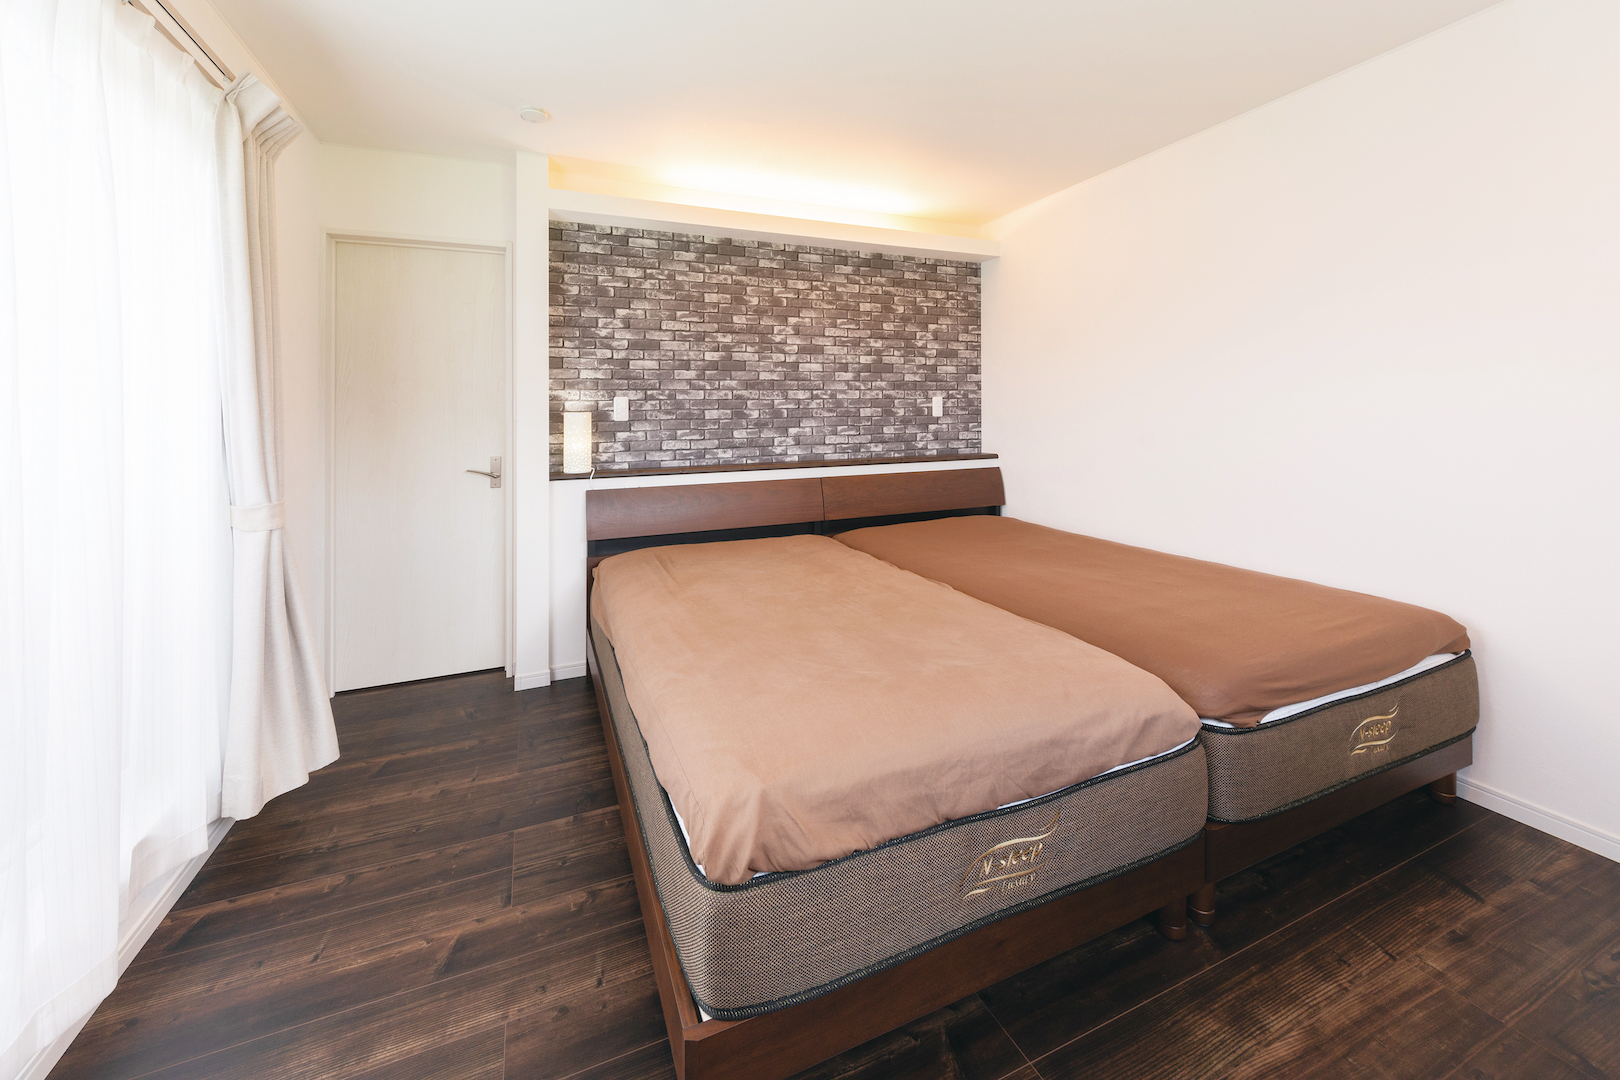 irohaco (アヴァンス)【1000万円台、間取り、インテリア】枕元には照明のスイッチをそれぞれに配置。どちらかが寝ていても起こすことなくON/OFFができる